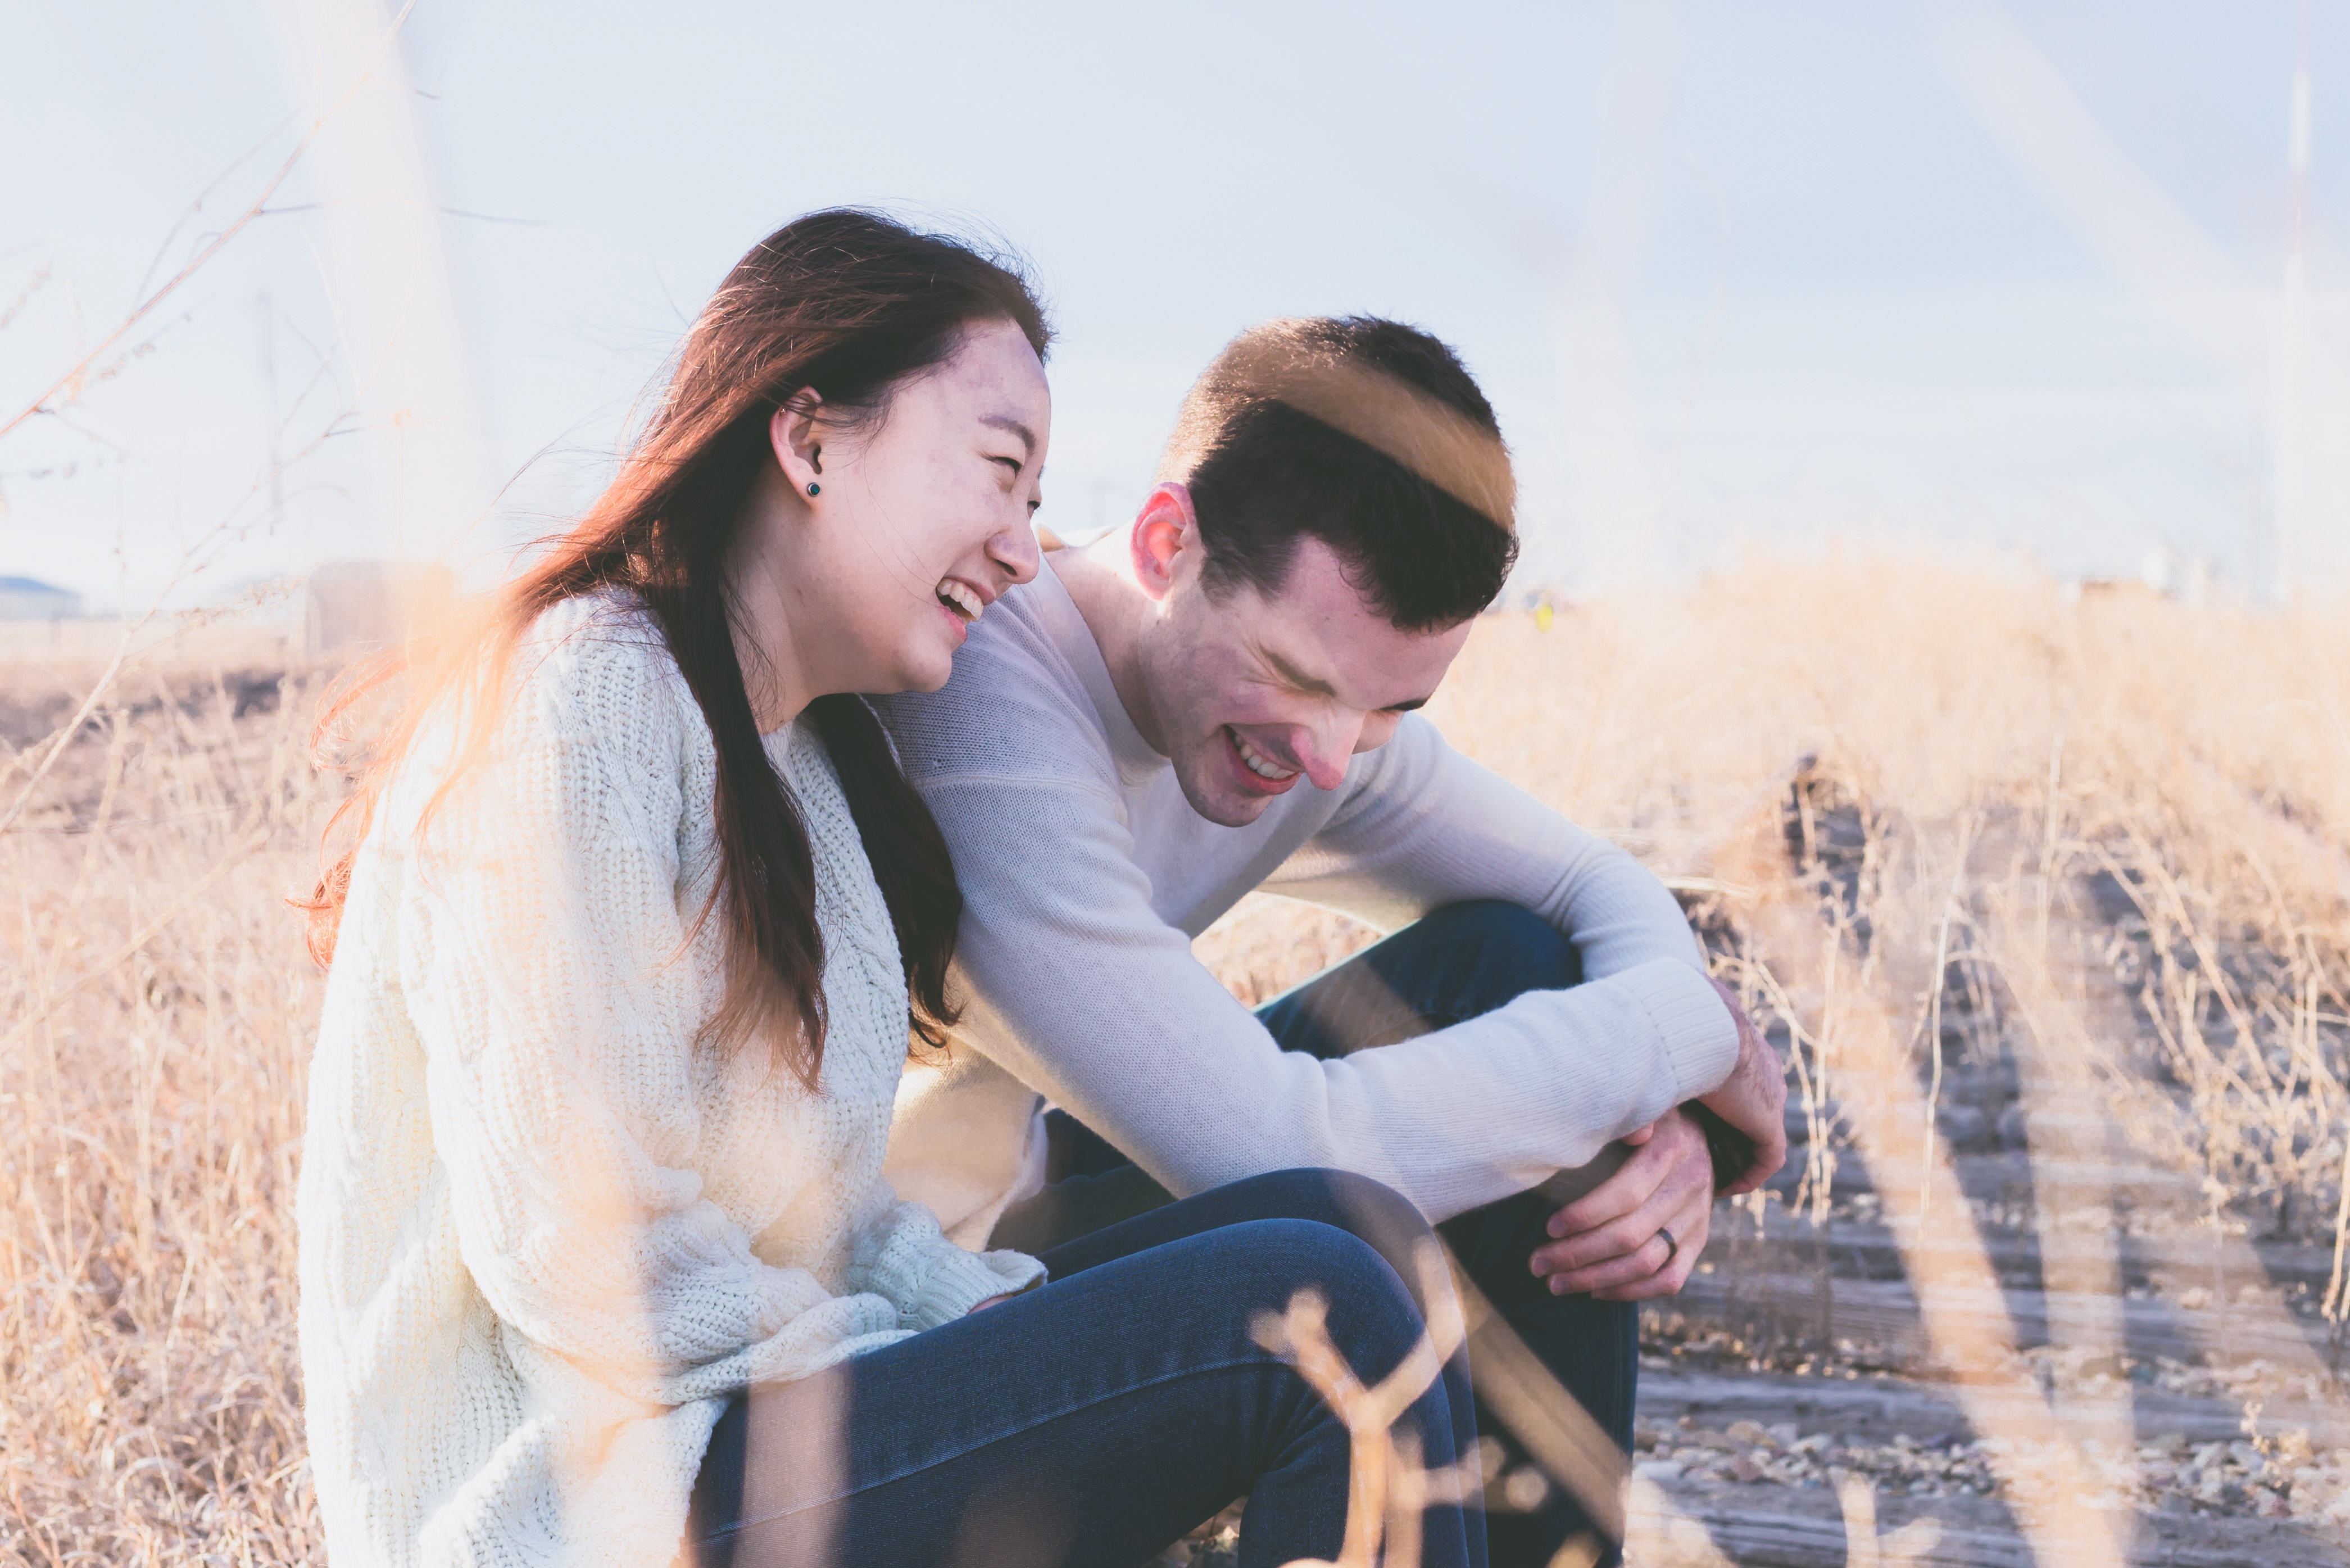 【こんな結婚生活イイなぁ】日常が生み出す笑撃!妻と旦那の名場面10選